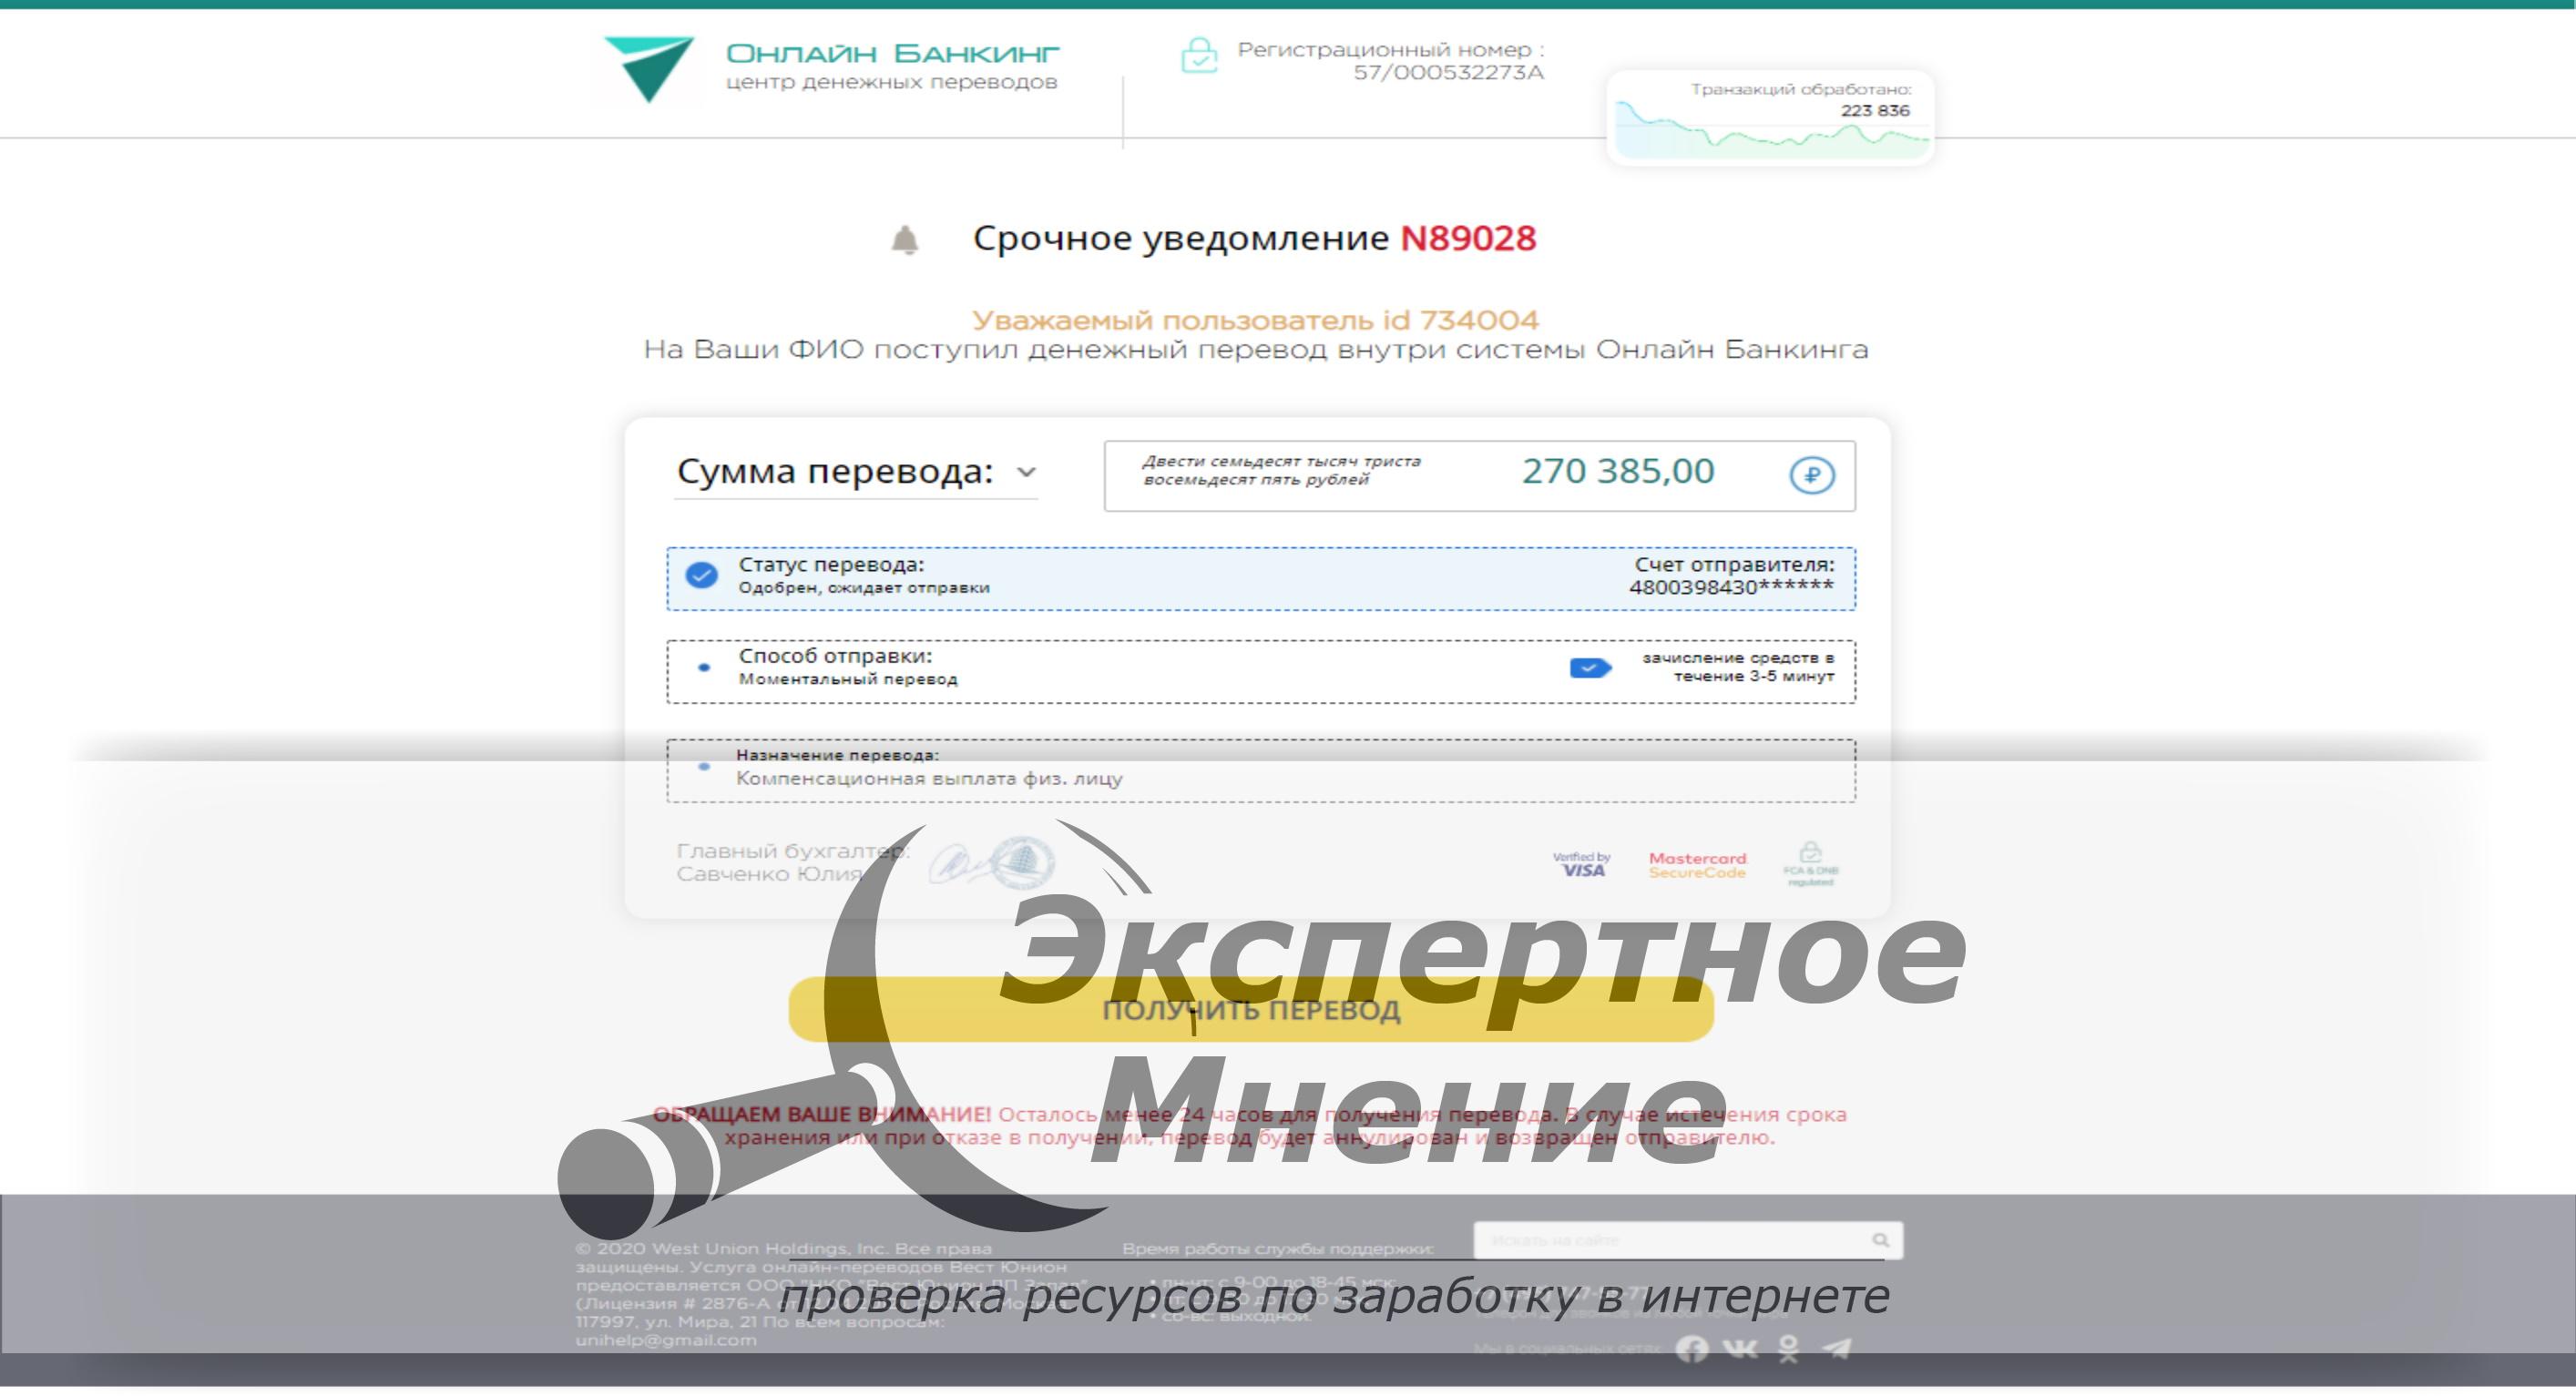 Срочное уведомление N89028. Онлайн Банкинг - центр денежных переводов